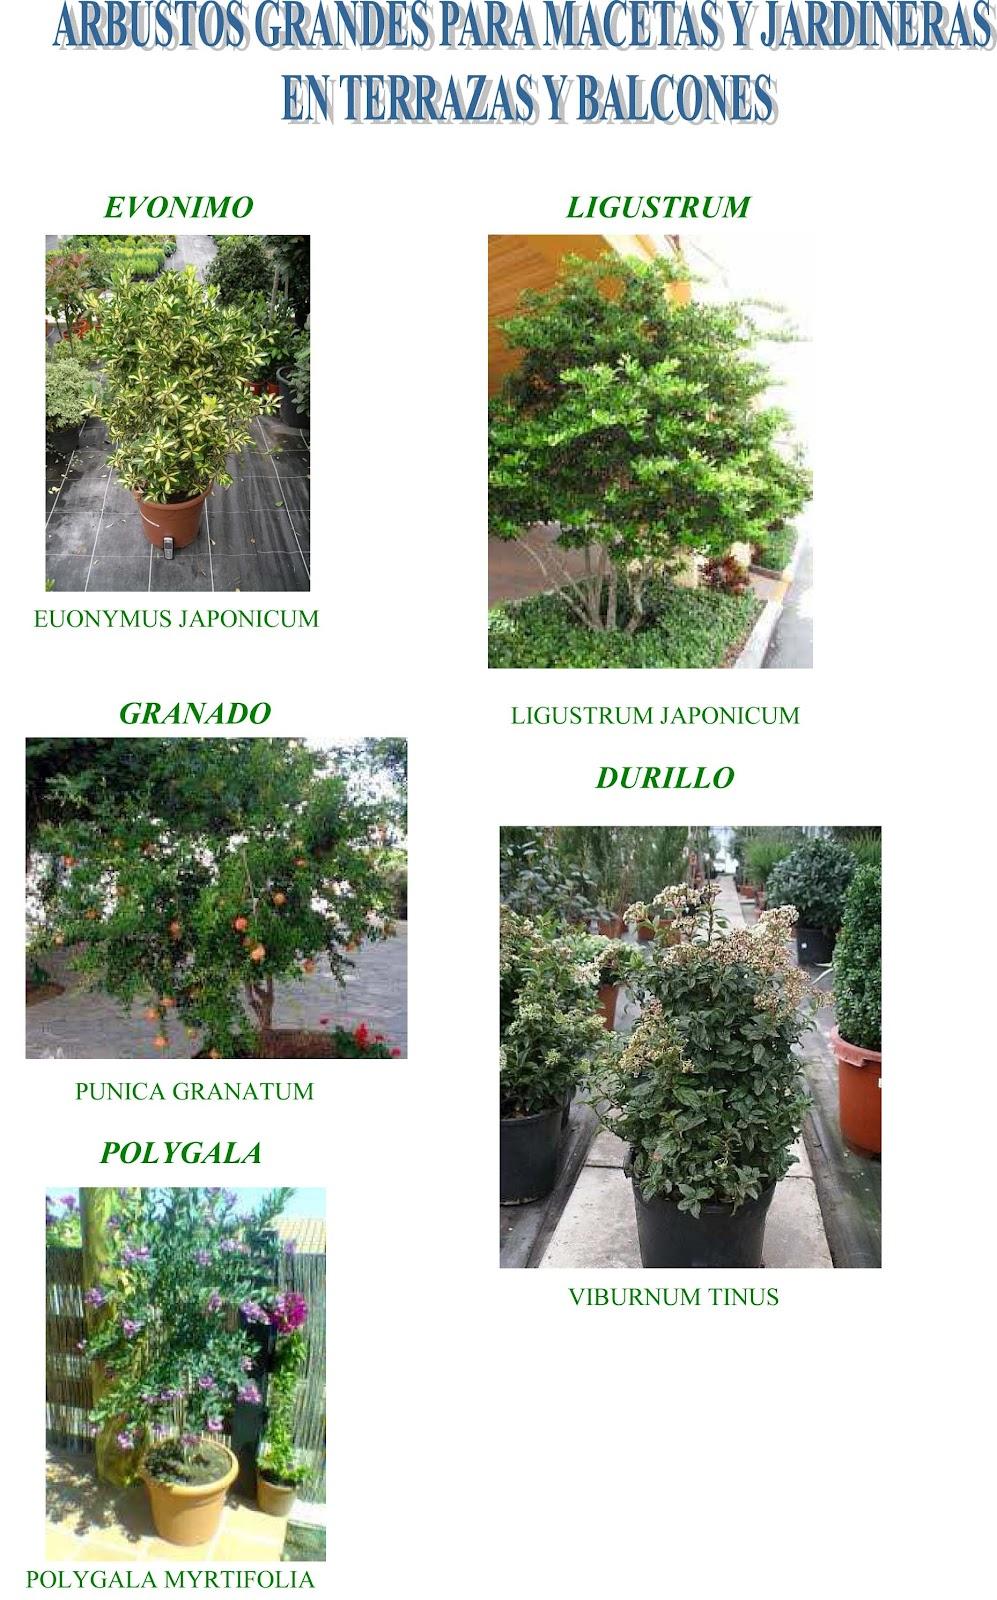 Jara jardiner a y paisajismo arbustos grandes para - Macetas de plastico grandes y baratas ...